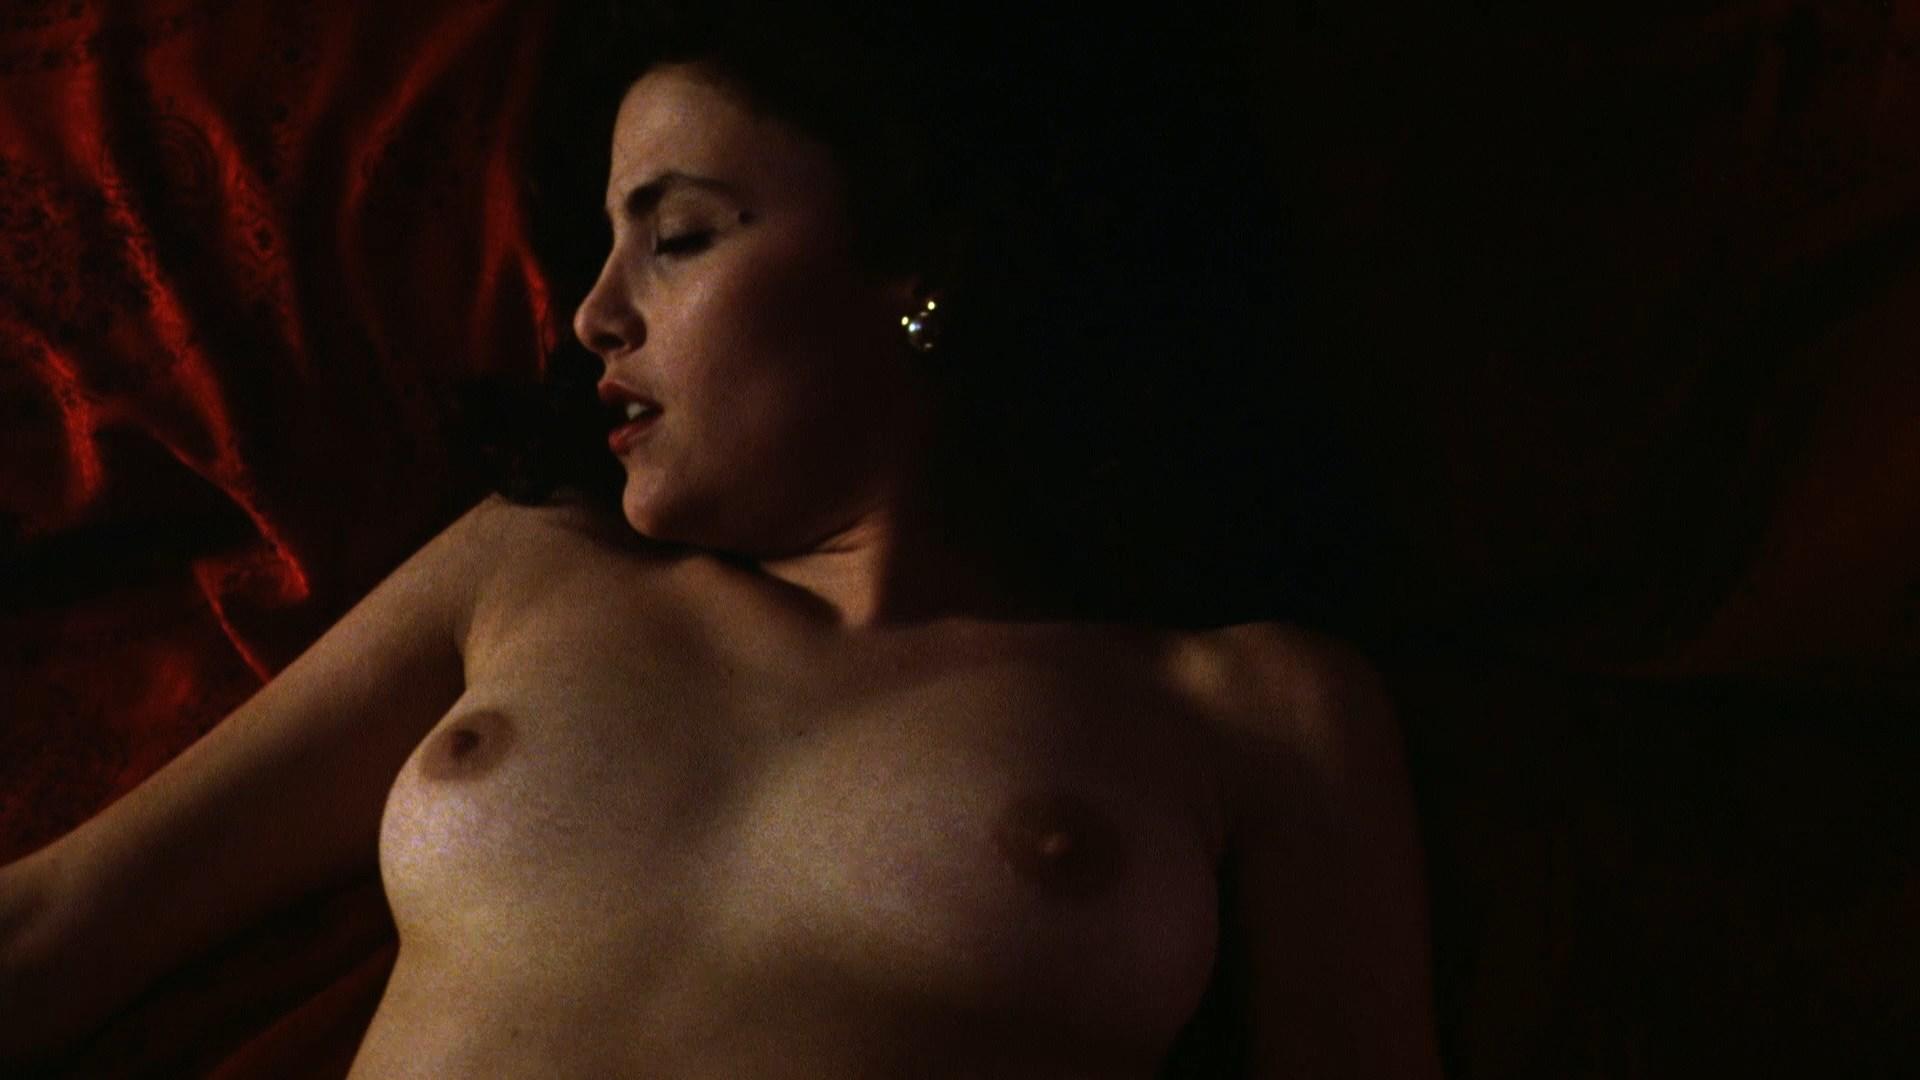 Sherilyn fenn nude playboy